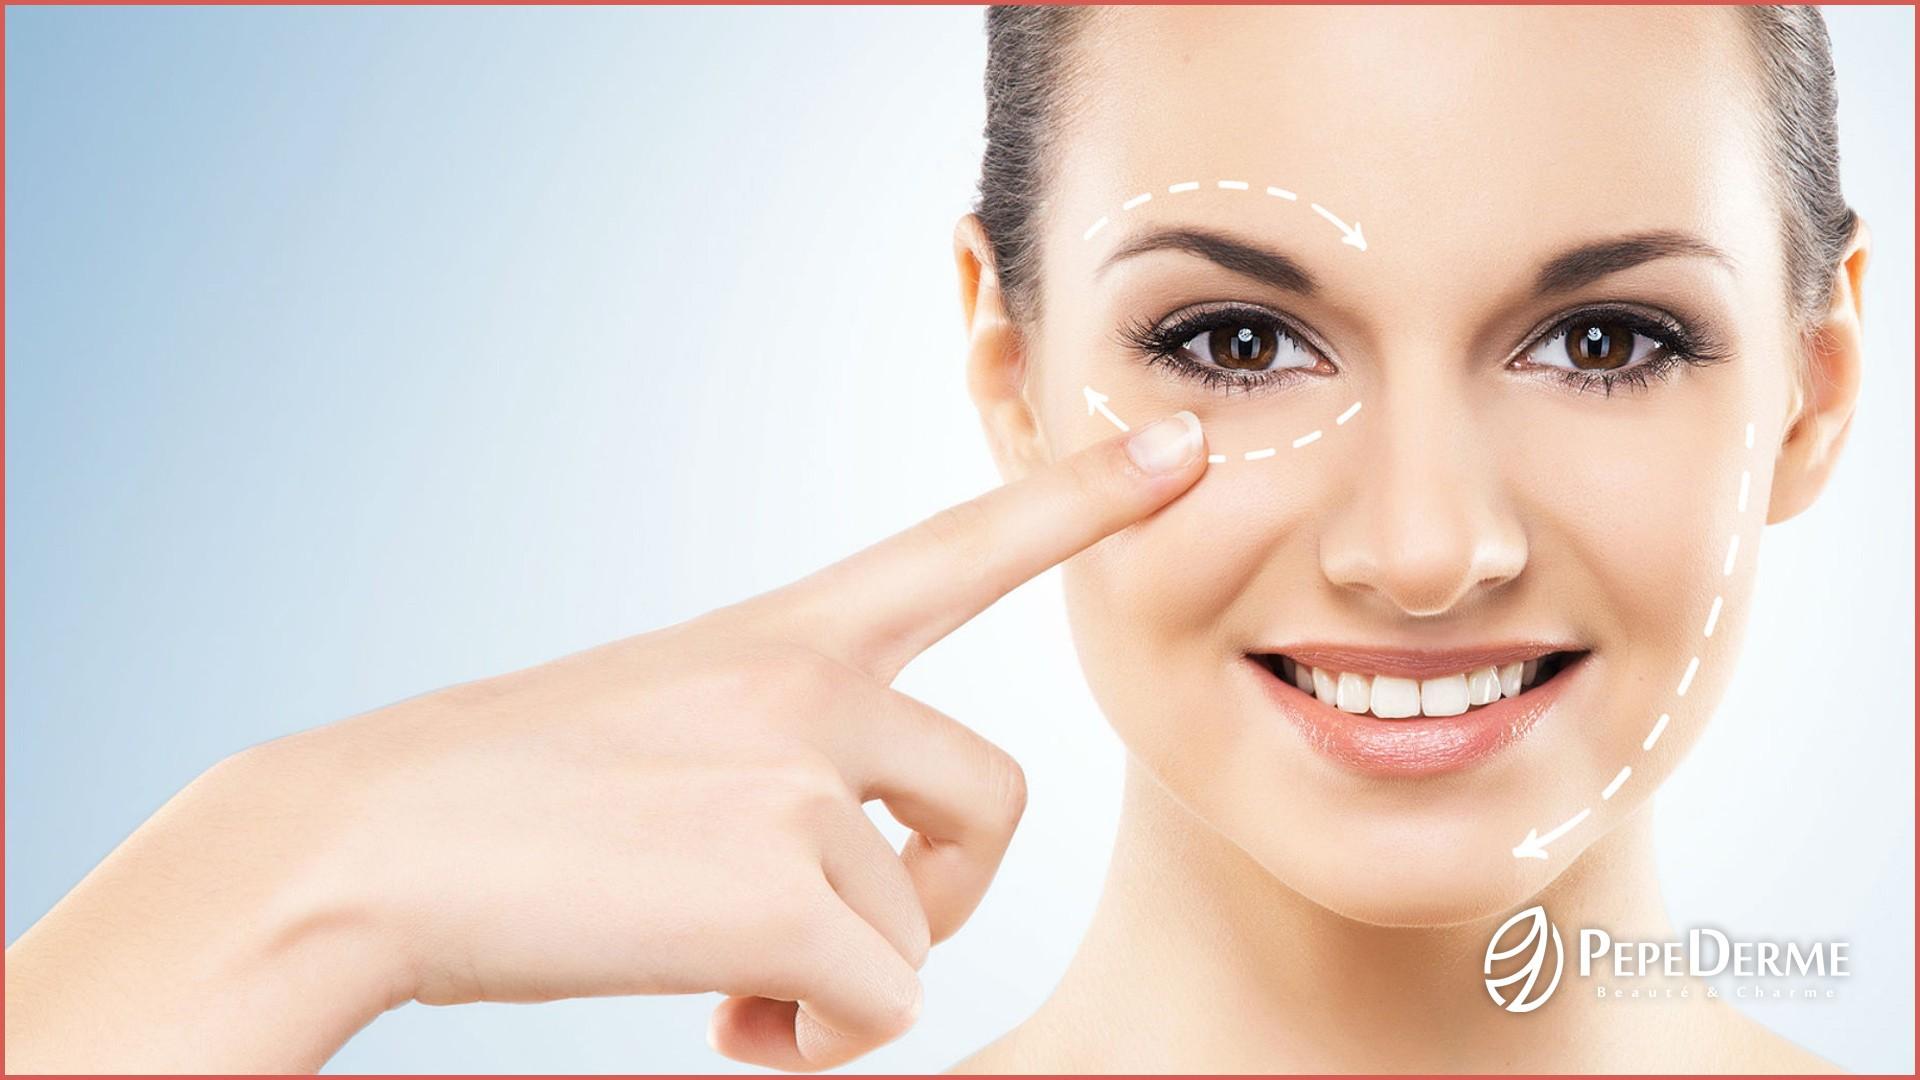 Proč je důležité starat se o oční kontury! Oční kontury a kůžička kolem očí patří k nejjemnějšímu místu na obličeji a také k nejvýraznějším rysům obličeje. Jsou často vystavovány nepříznivým vlivům vnějšího okolí a oční oblast je také více náchylnější k tvorbě vrásek. Hlavně kvůli zvýšené pohyblivosti svalů a mimice. Oční kontury mají větší potřebu hydratovat, právě pro to, že je zde pokožka velmi tenká, téměř bez mazových žláz. Na oční okolí působí mnoho dalších vlivů, samozřejmě zde hraje roli i věk, celkový zdravotní stav, ale také nedostatek spánku, stres, únava. To bývá často příčinou tvorby tmavých kruhů, otoků a již zmíněných vrásek.